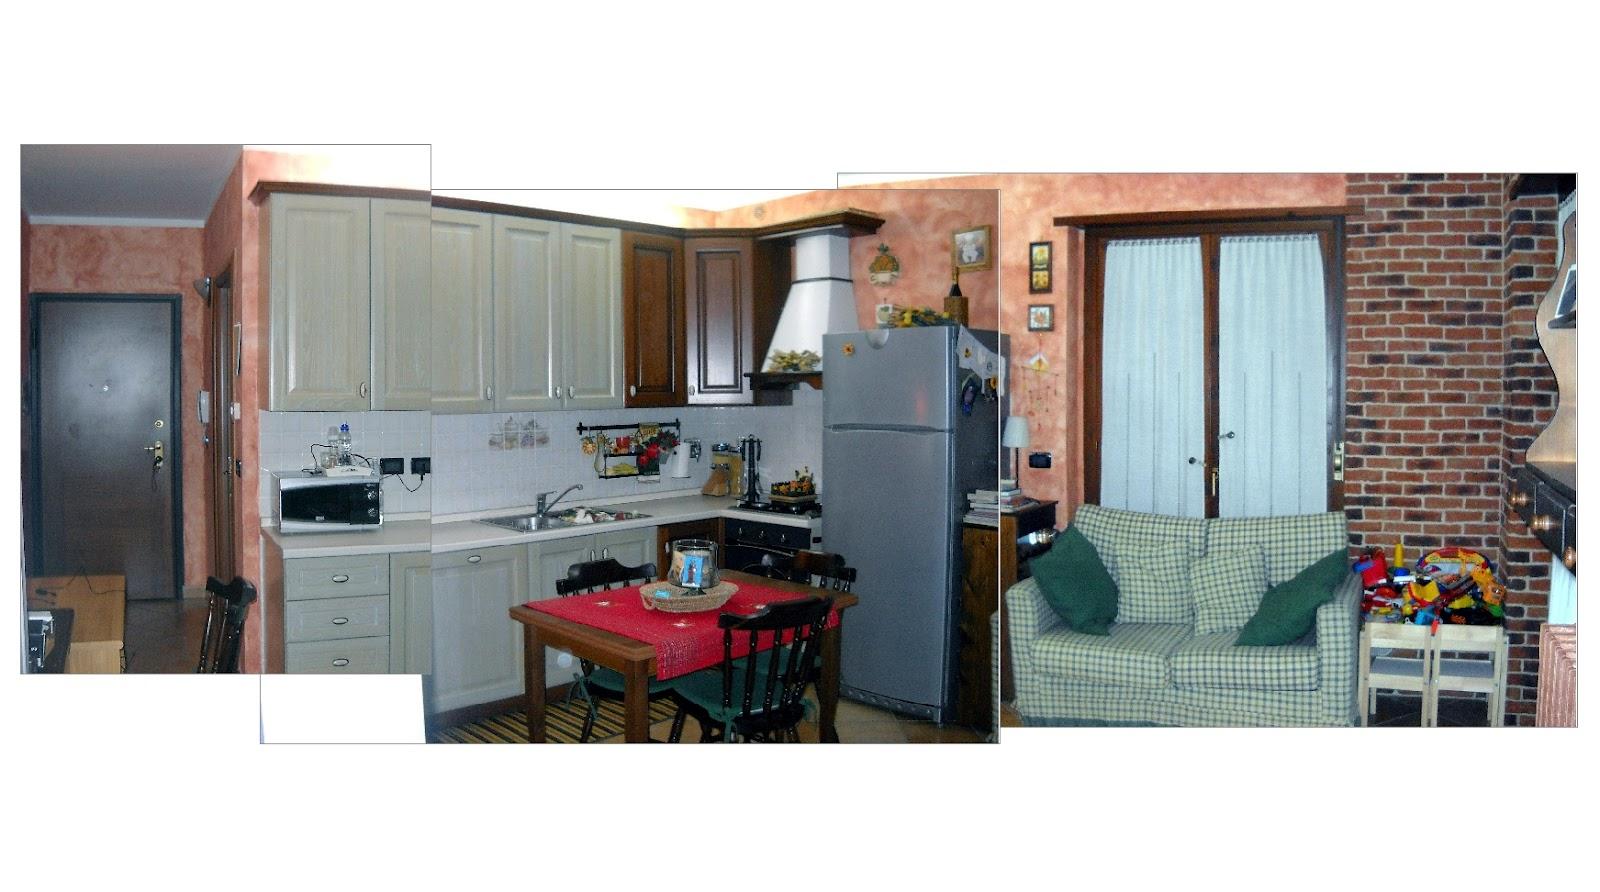 Soggiorno E Cucina Insieme: Cucina Open Space (foto 4/40) Tempo Libero  #936038 1600 892 Progettare Una Cucina On Line Gratis